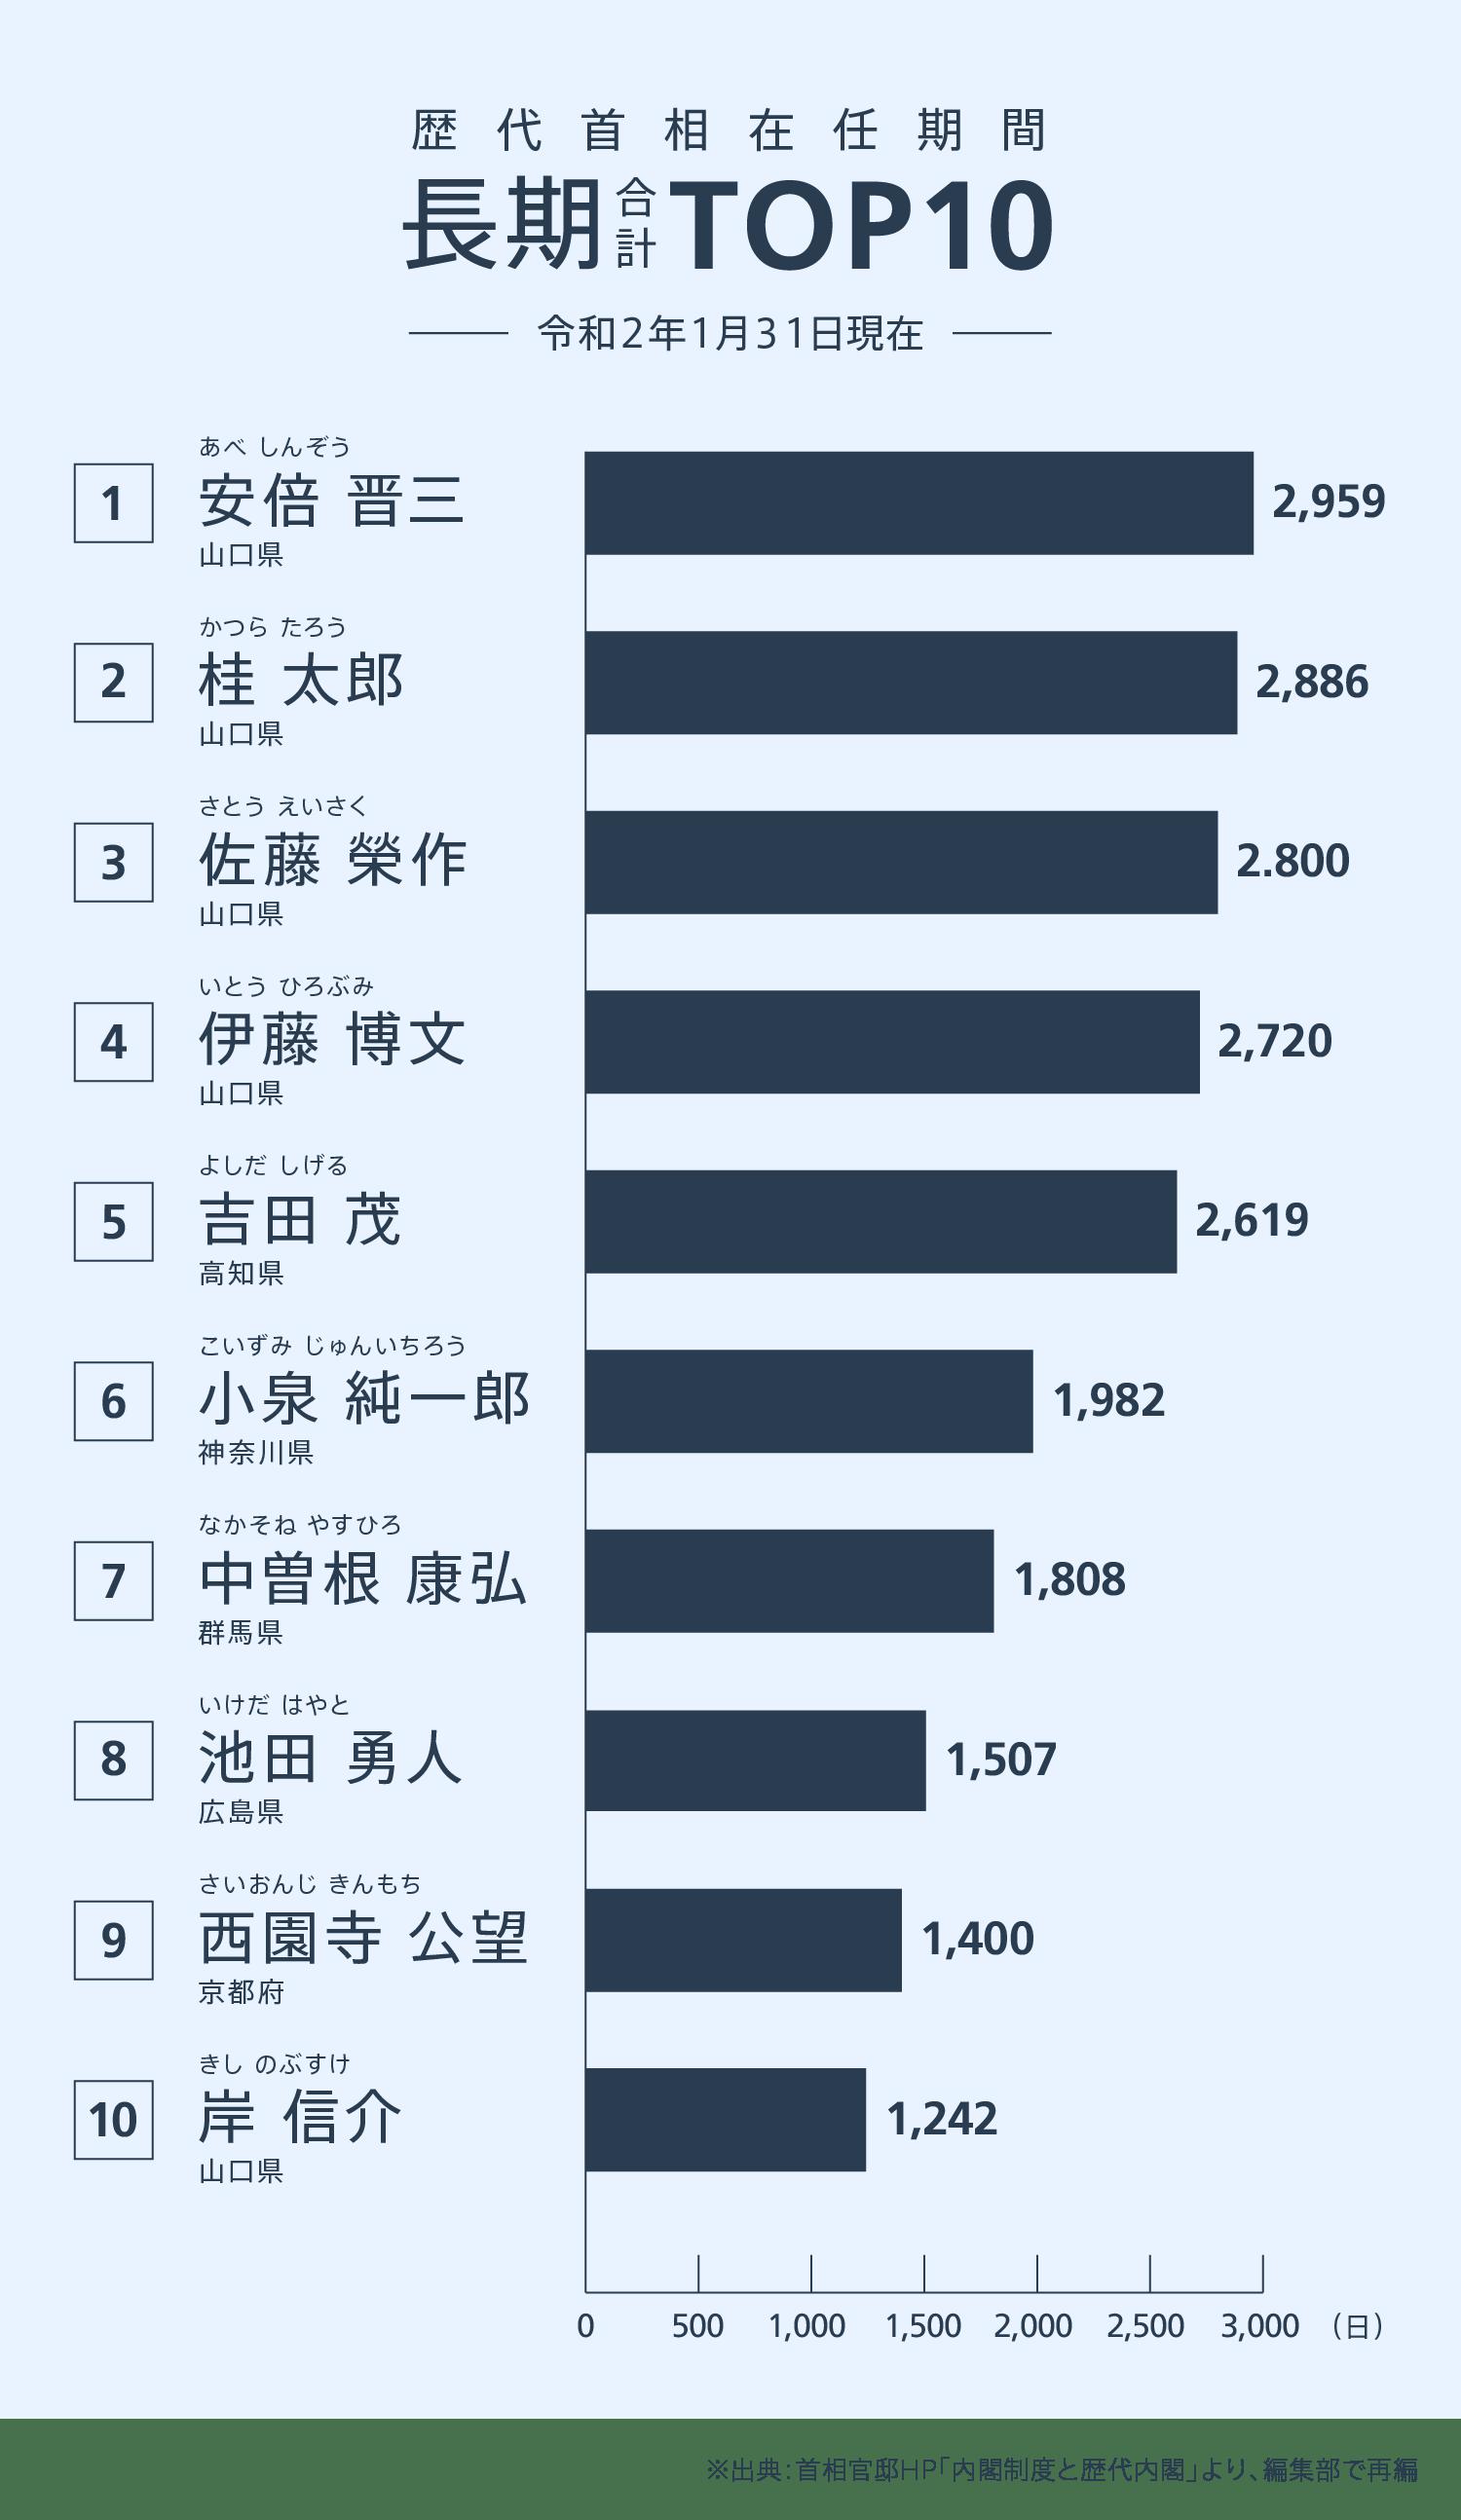 歴代首相在任期間 長期合計TOP10